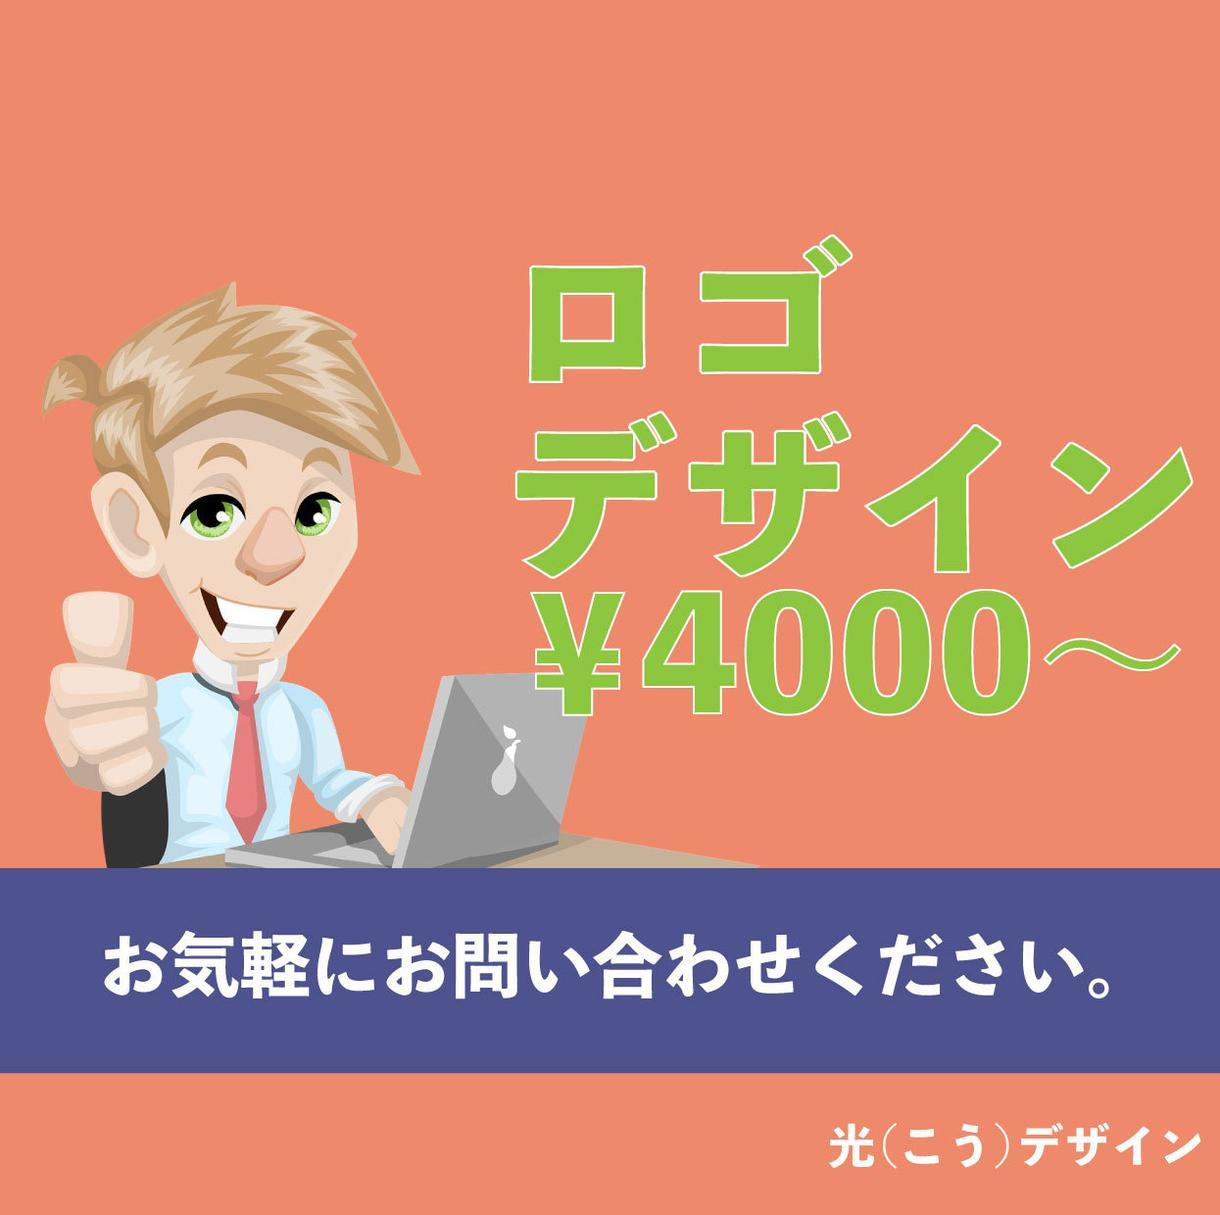 4000円から!ロゴデザイン致します 可愛いものから企業向けのロゴまで!気軽に頼める格安価格! イメージ1